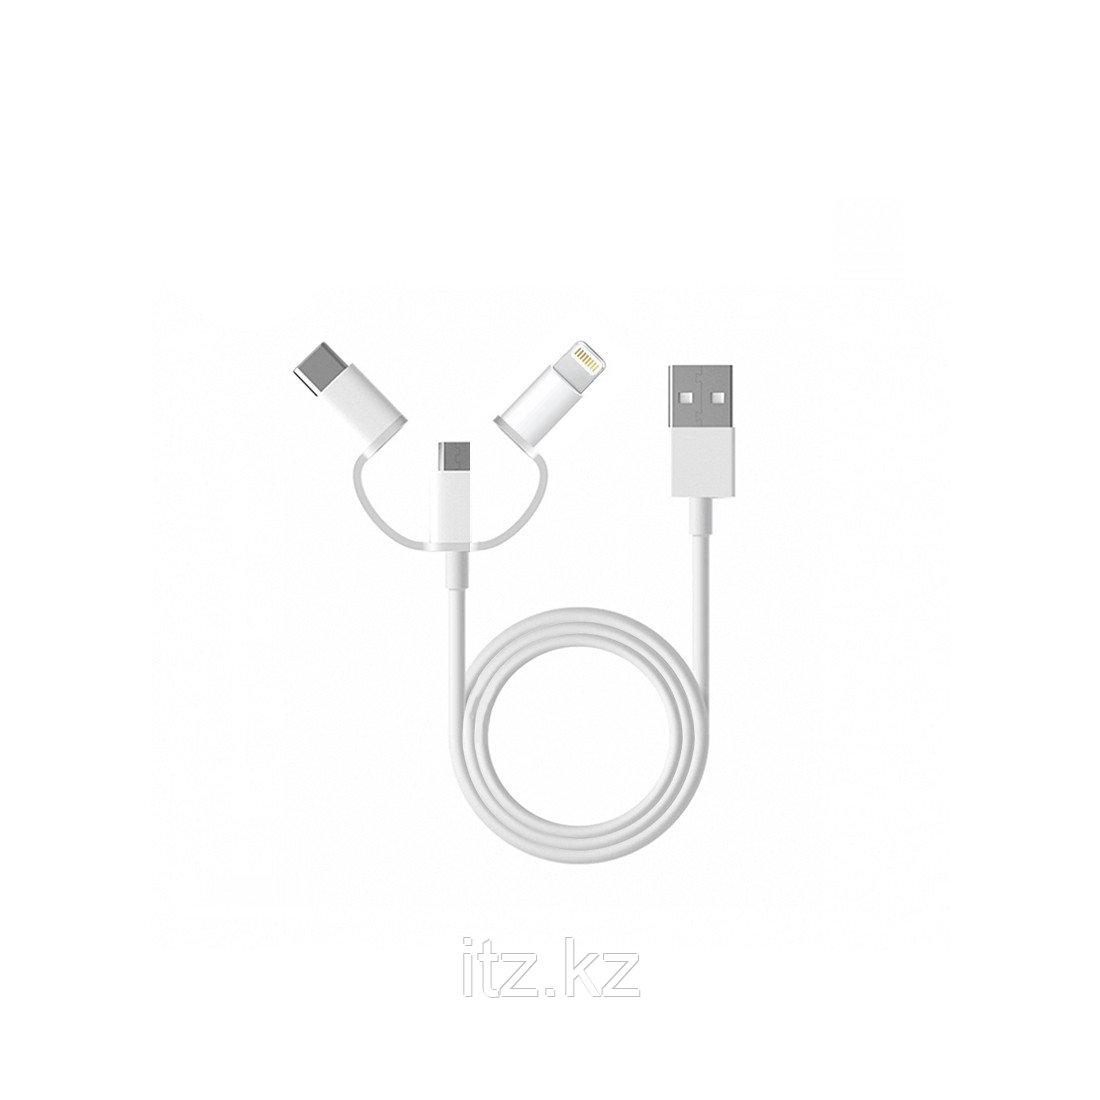 Интерфейсный кабель Xiaomi Lighting/Type-C/Micro-USB 100cm 3 в 1 Белый